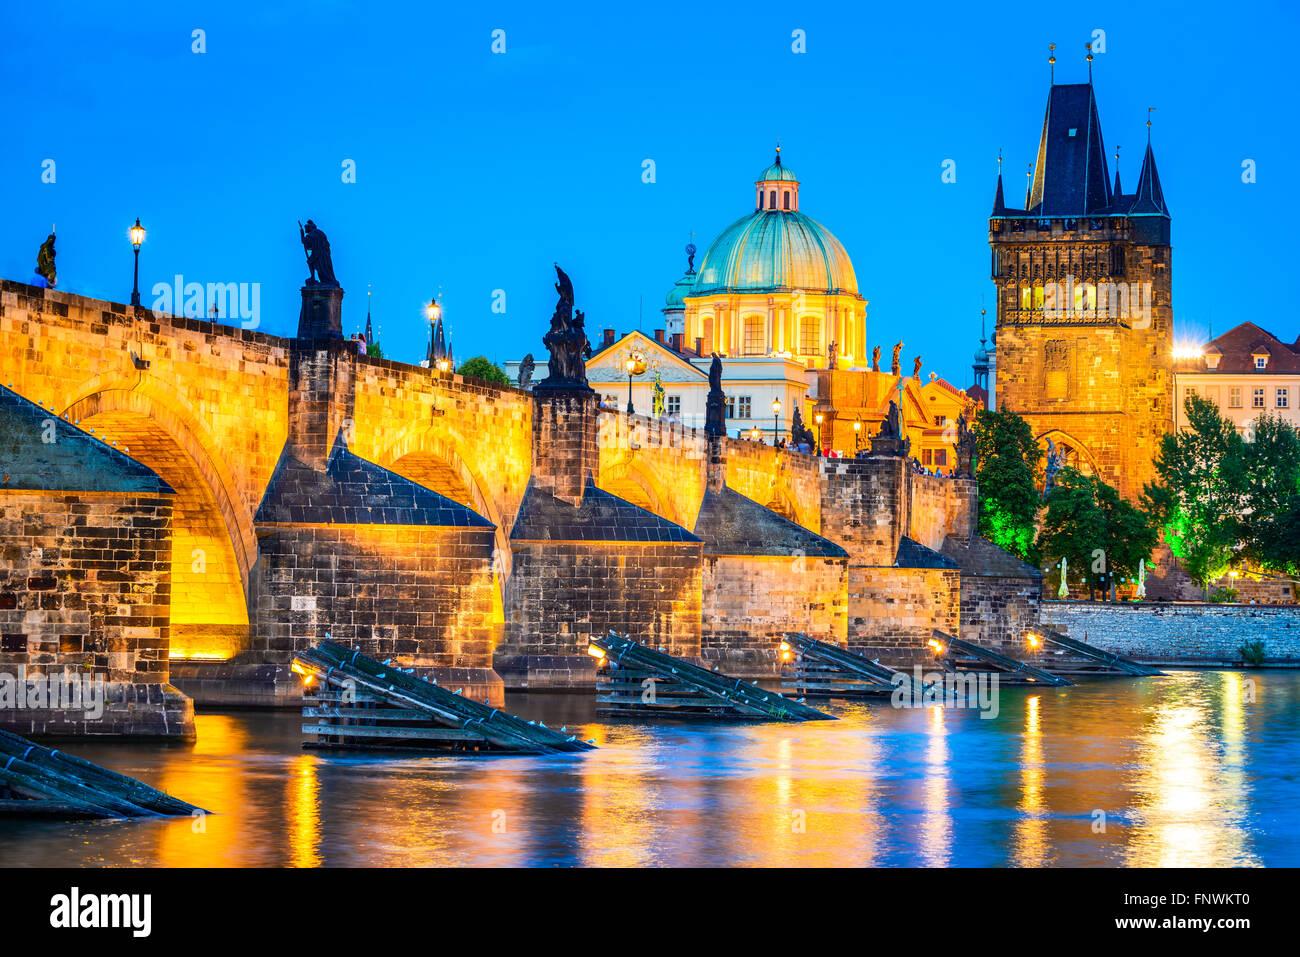 Praga, Repubblica Ceca. Vista notturna con il fiume Moldava, il Ponte di Carlo e Stare Mesto Città Vecchia Immagini Stock